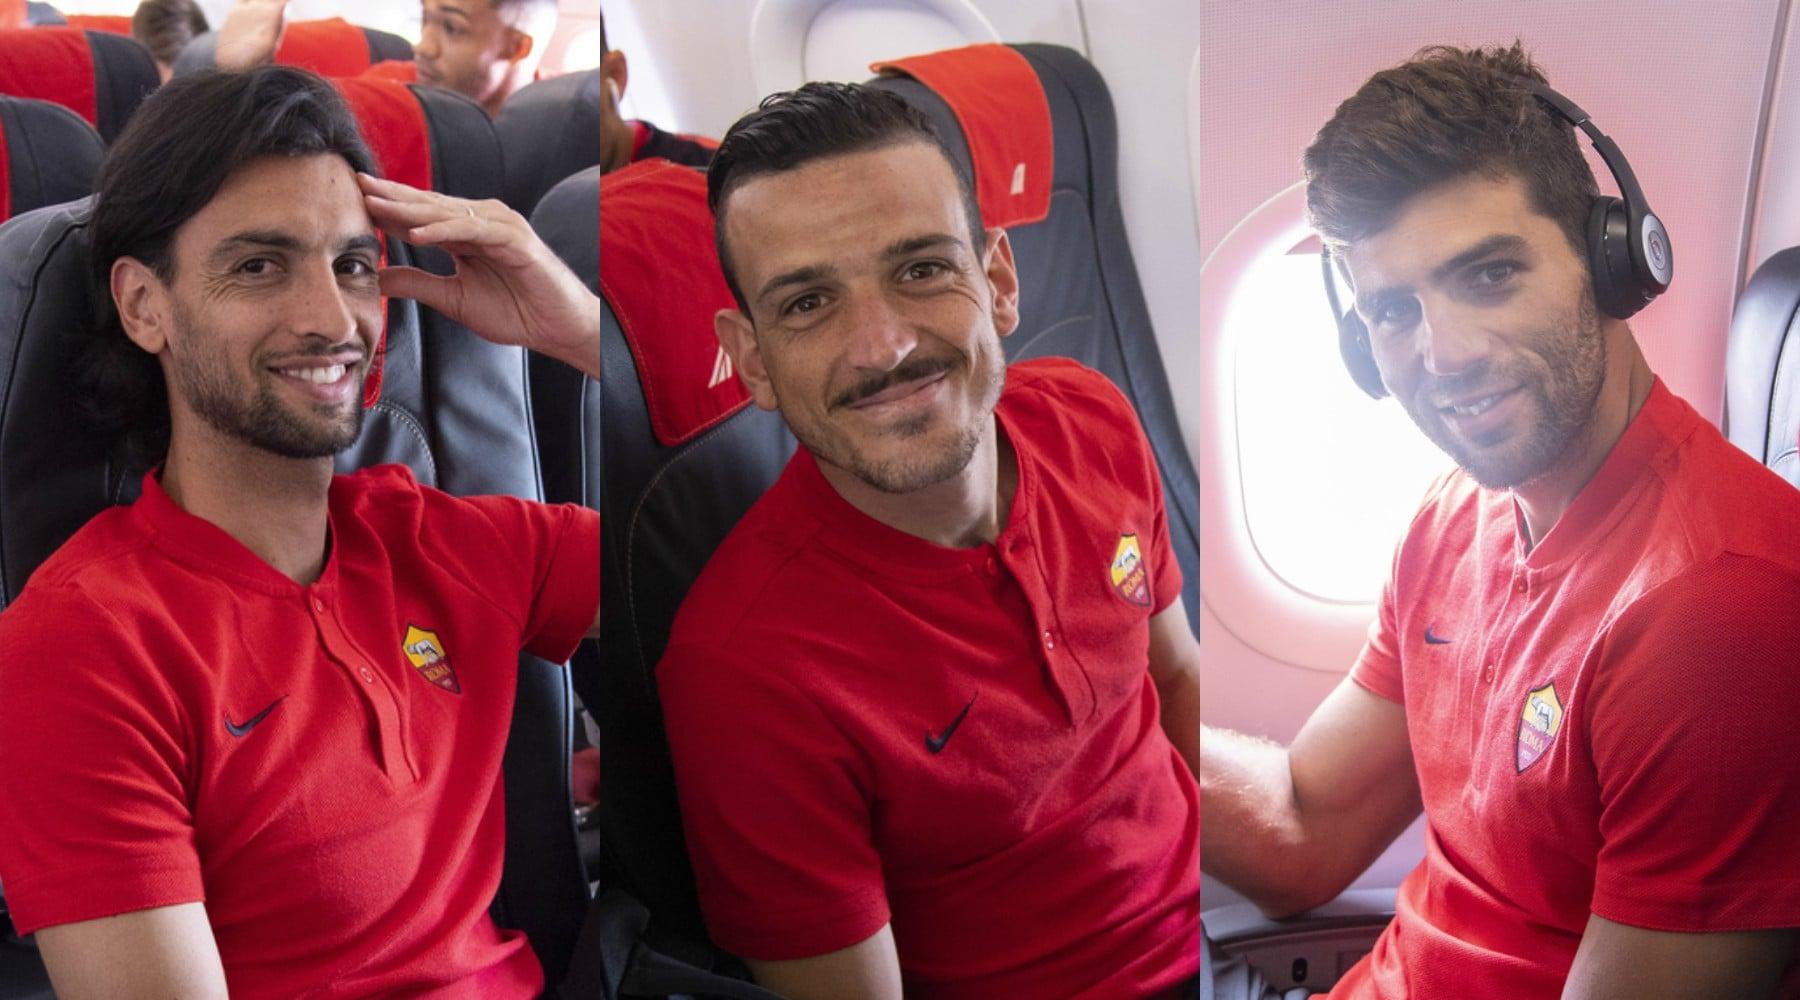 Roma, sorrisi sul volo verso Torino